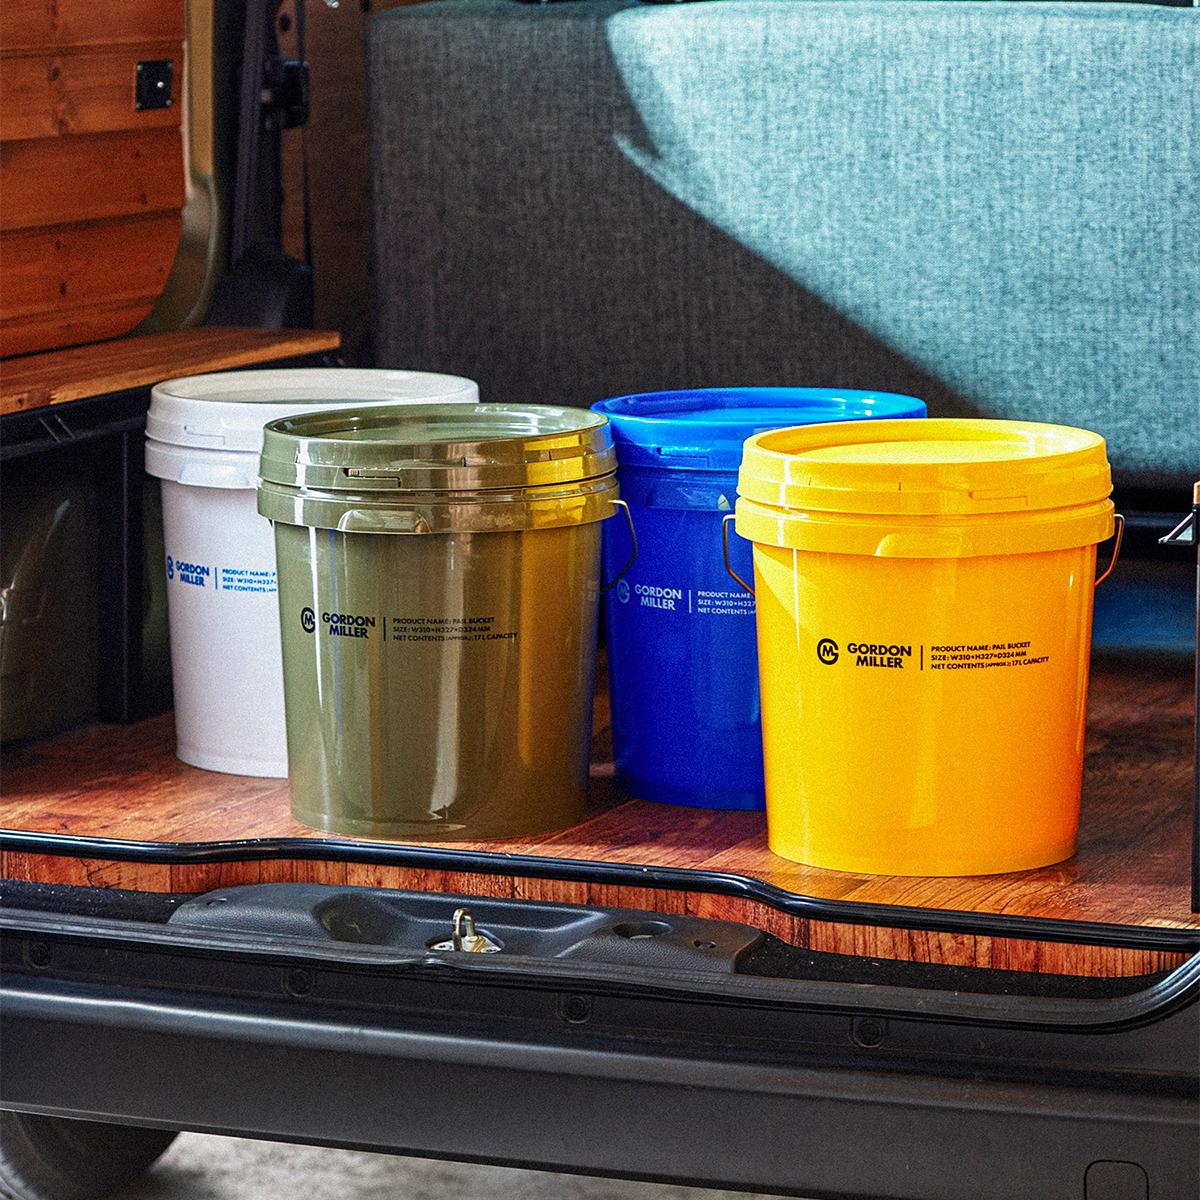 大事な車のお手入れに使う道具を、家のケアにも使える。車用品のオートバックスから生まれたプロ仕様。スタイリッシュでオシャレな気分が上がる掃除道具。カー用品のオートバックスから生まれた『GORDON MILLER』(ゴードンミラー)